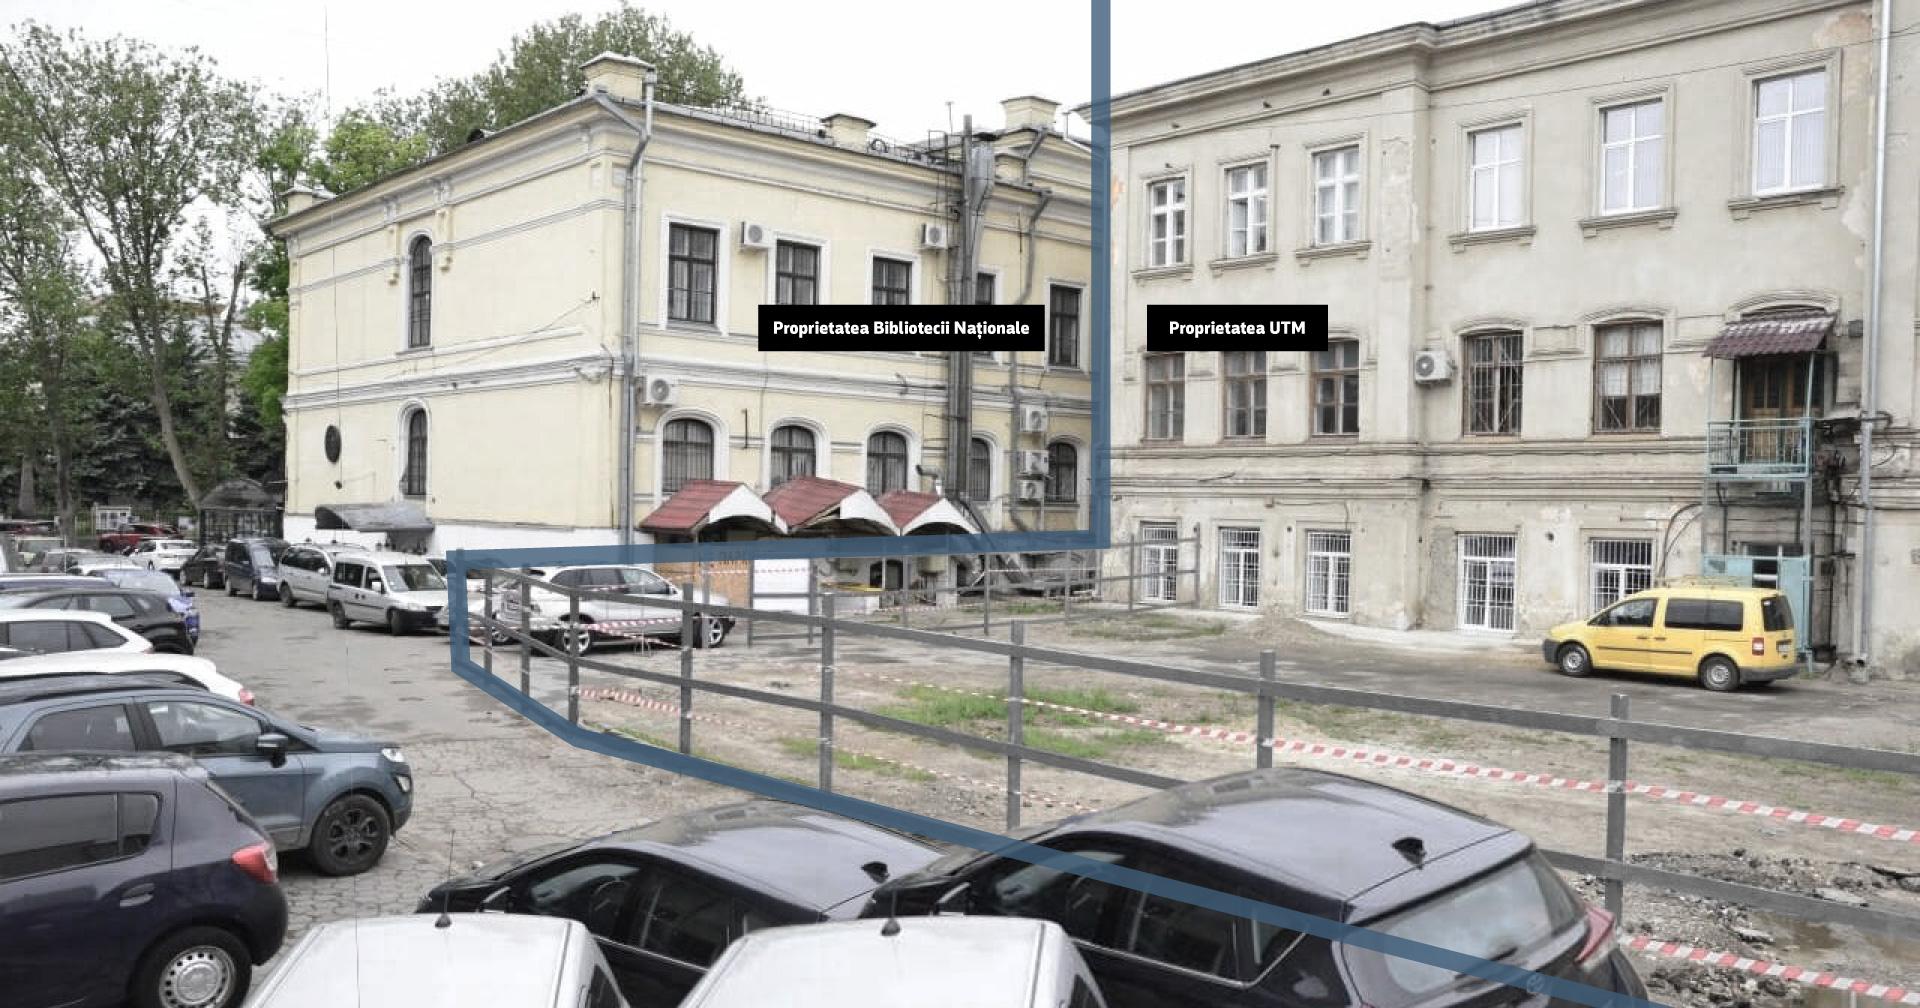 Împărțirea terenului între Biblioteca Națională și UTM. Sursă: facebook.com/i.ceban.public